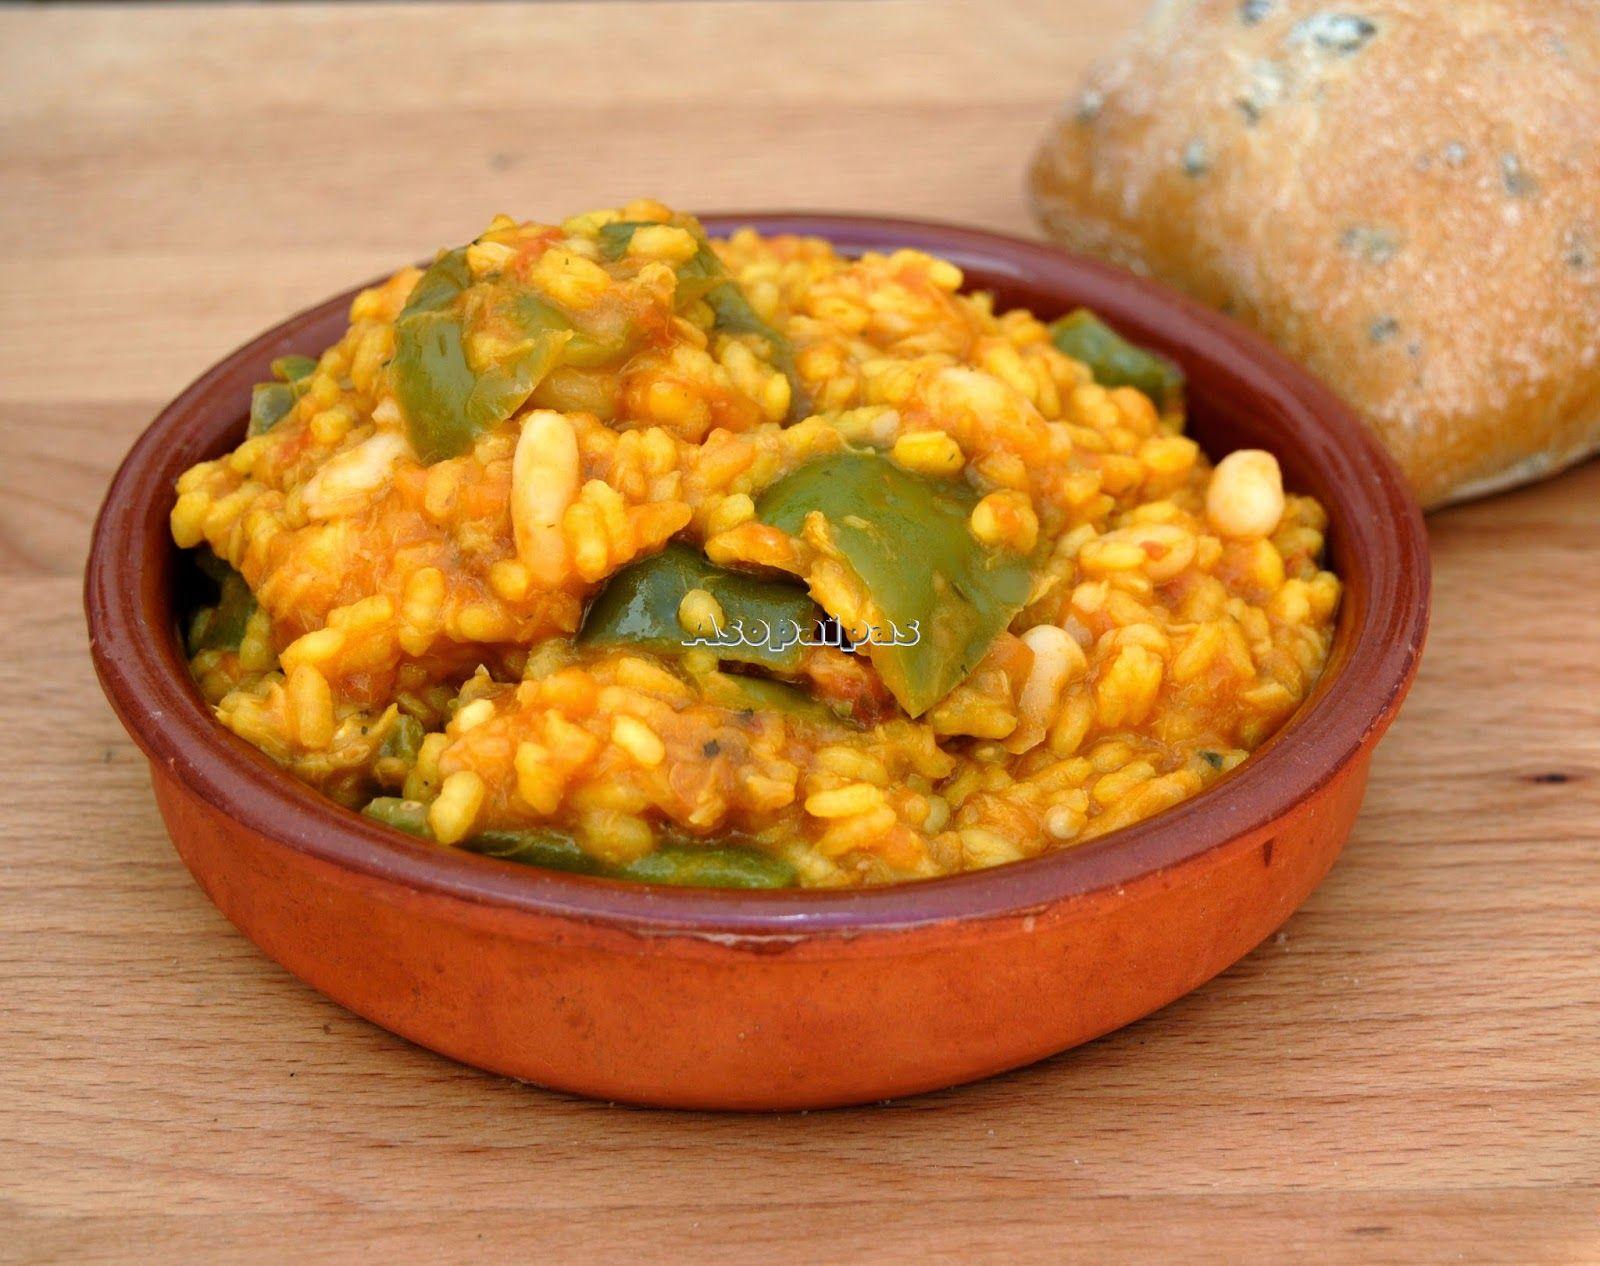 Recetas De Cocina Con Bacalao | Asopaipas Recetas De Cocina Casera Arroz Empedrado Con Bacalao